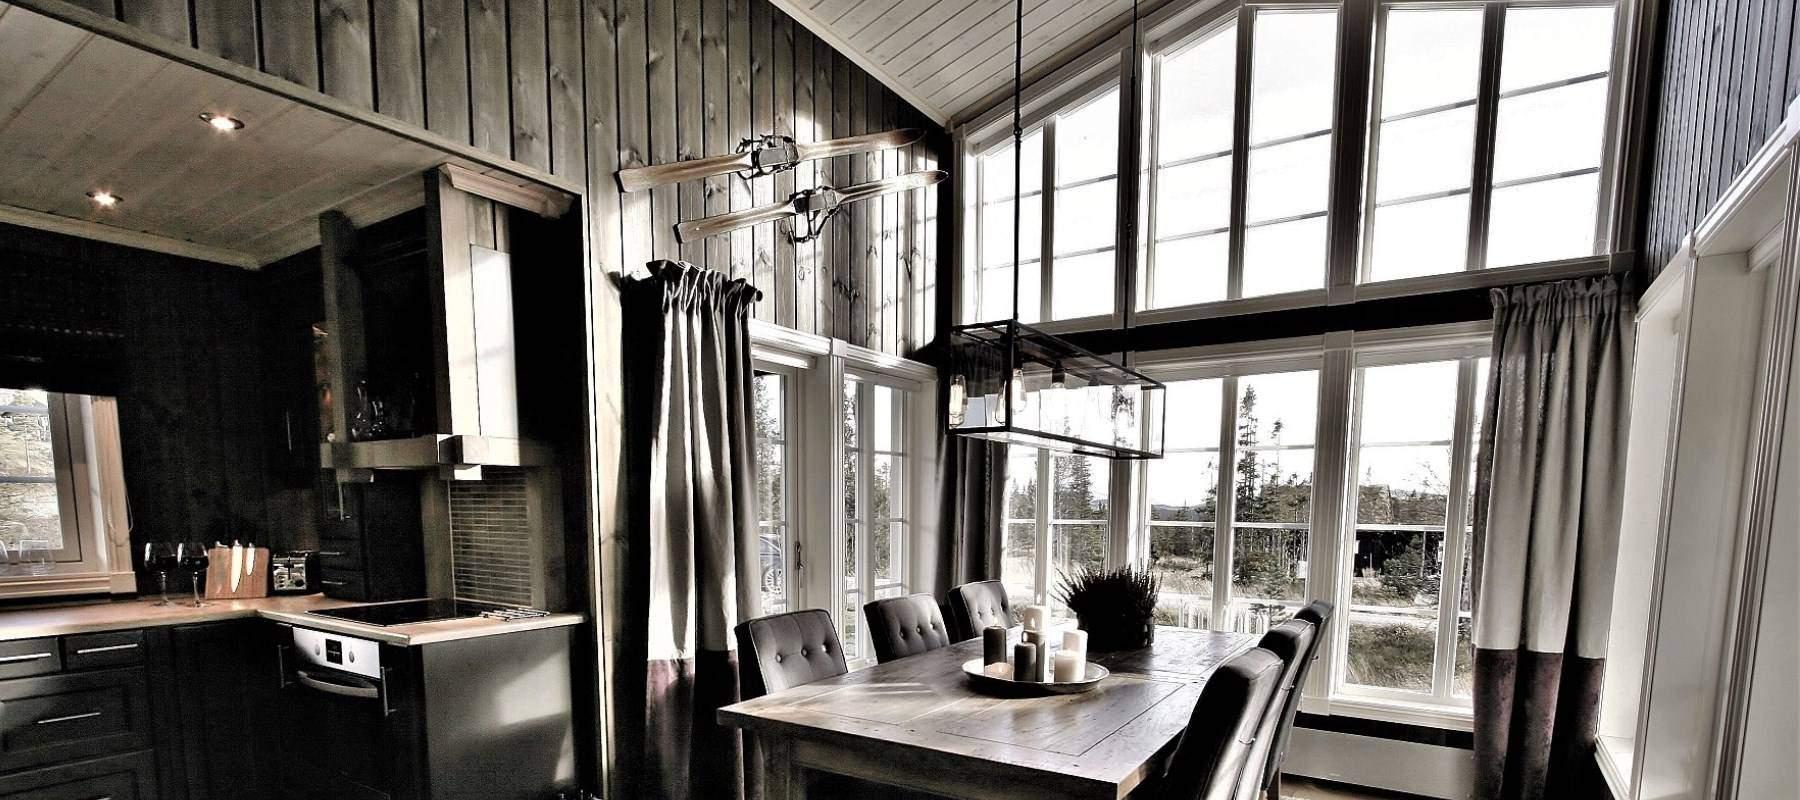 110 Hytteinteriør Inspirasjon Veggli – Stryn 92